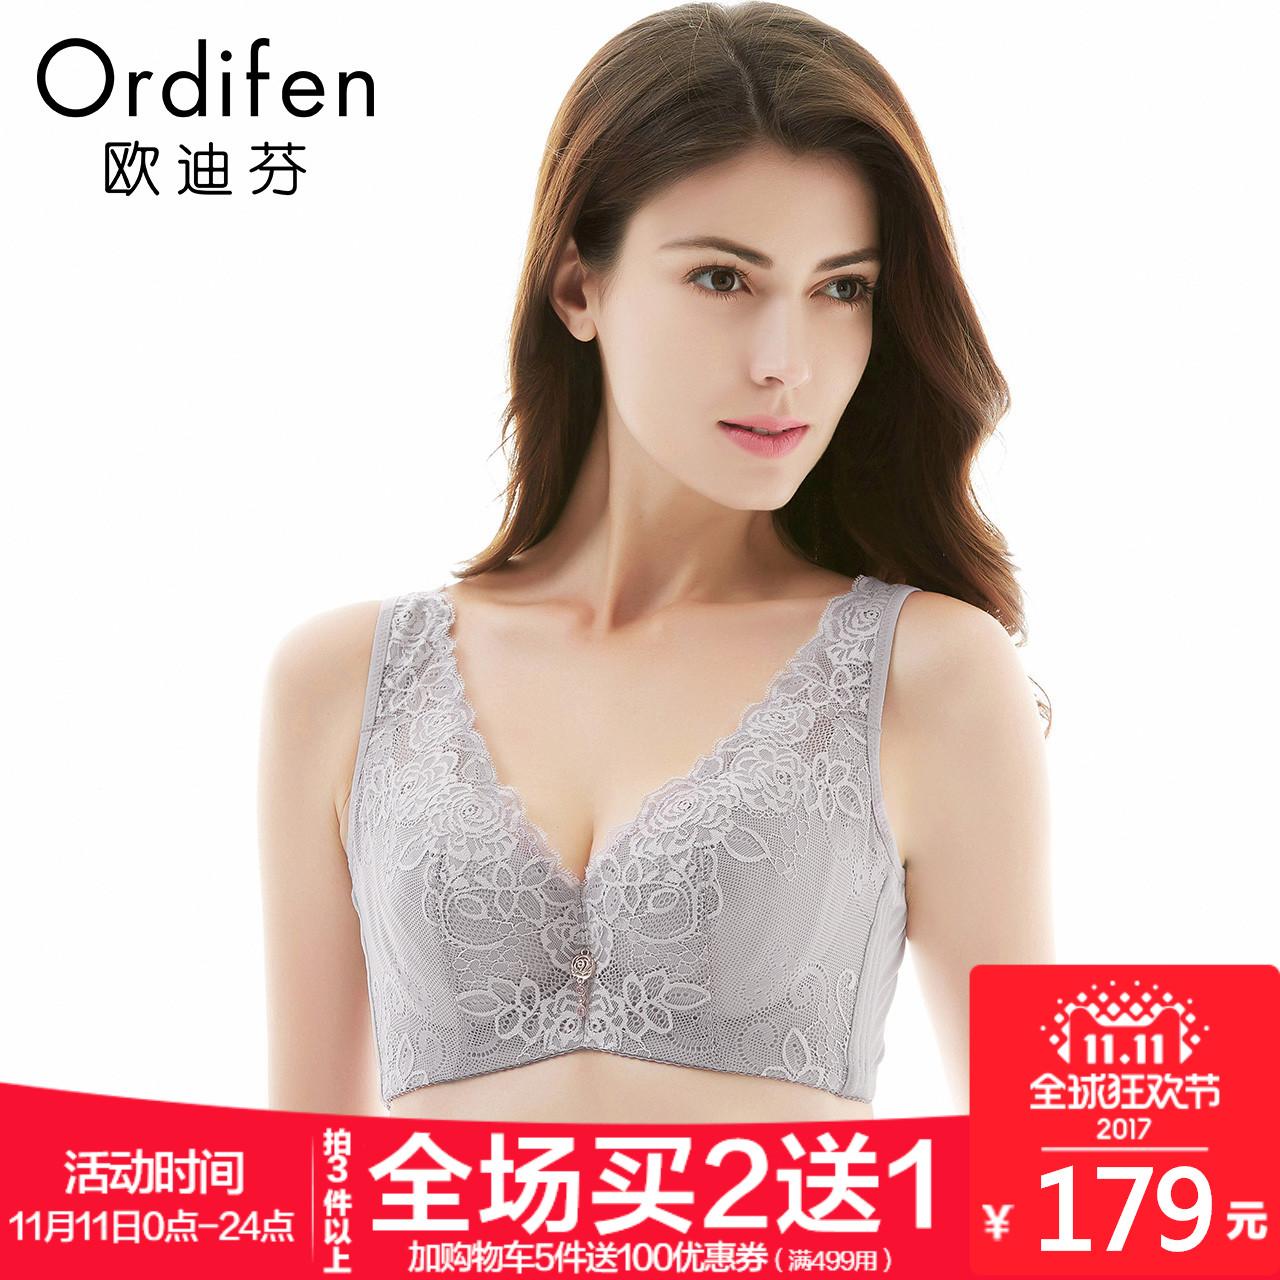 欧迪芬蕾丝性感内衣女调整型大胸罩上托聚拢美背文胸收副乳XJ7305